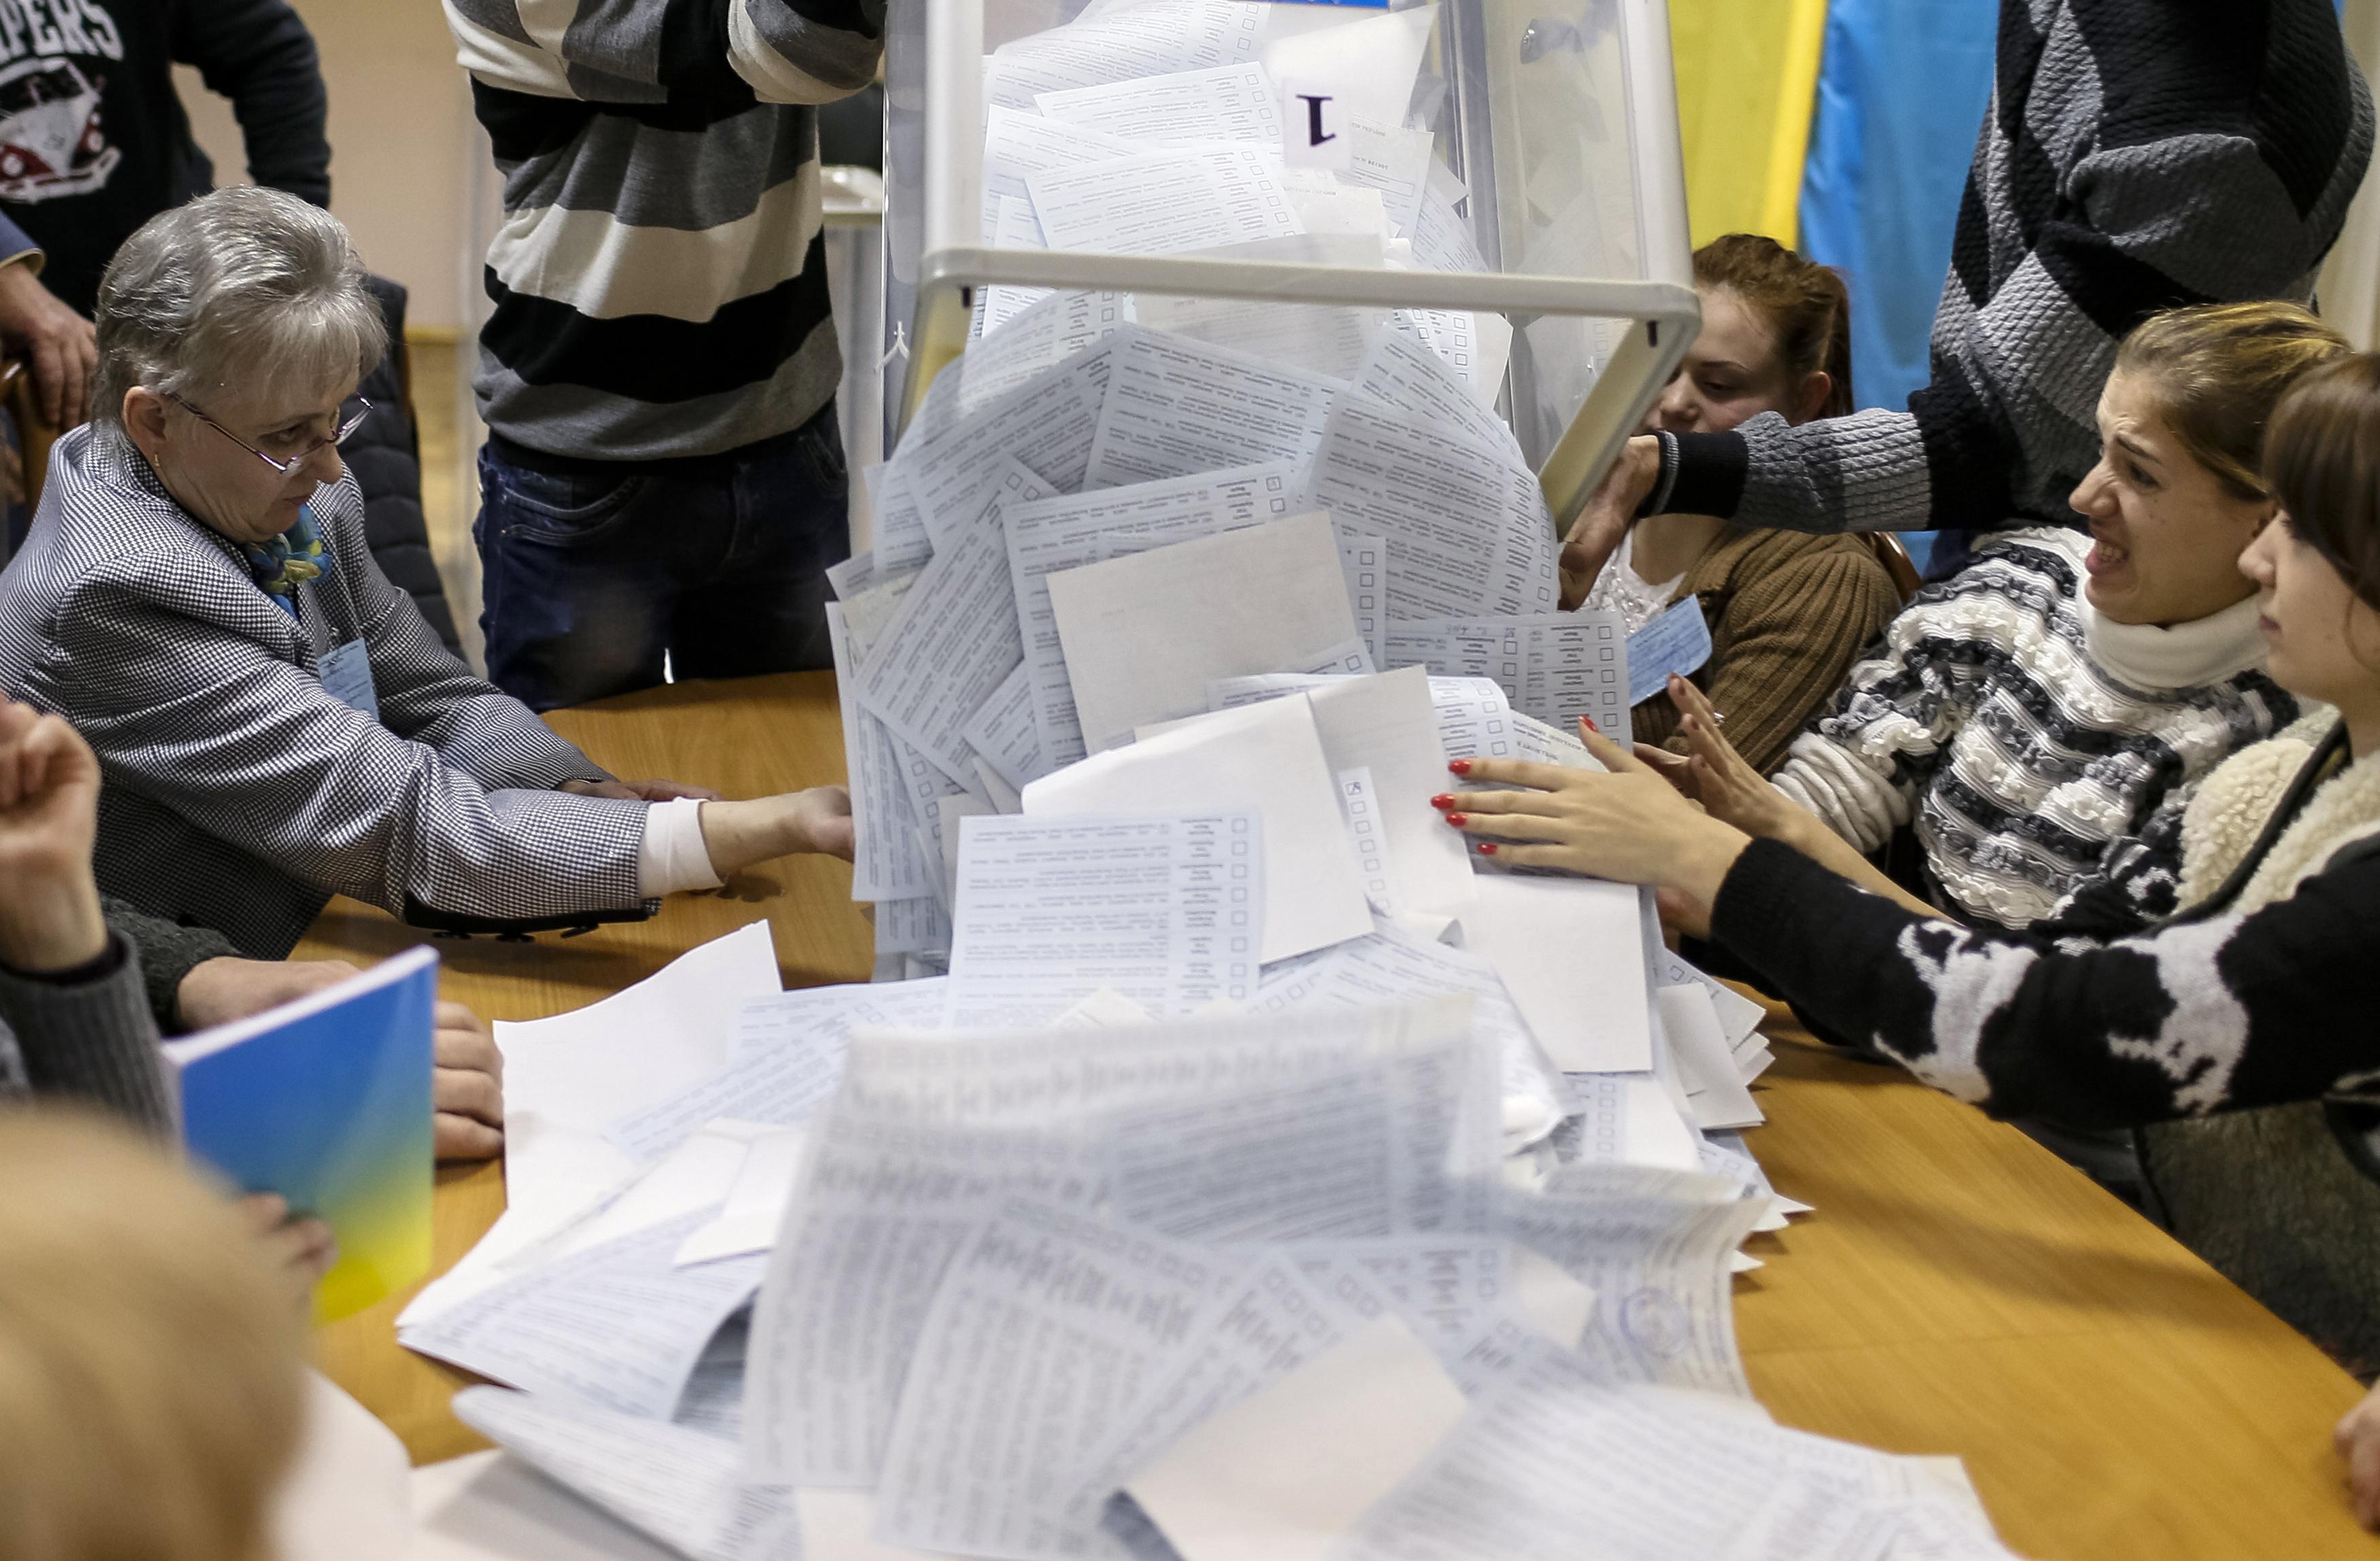 Сотня темных лошадок в Раде, или куда пойдет курс после выборов